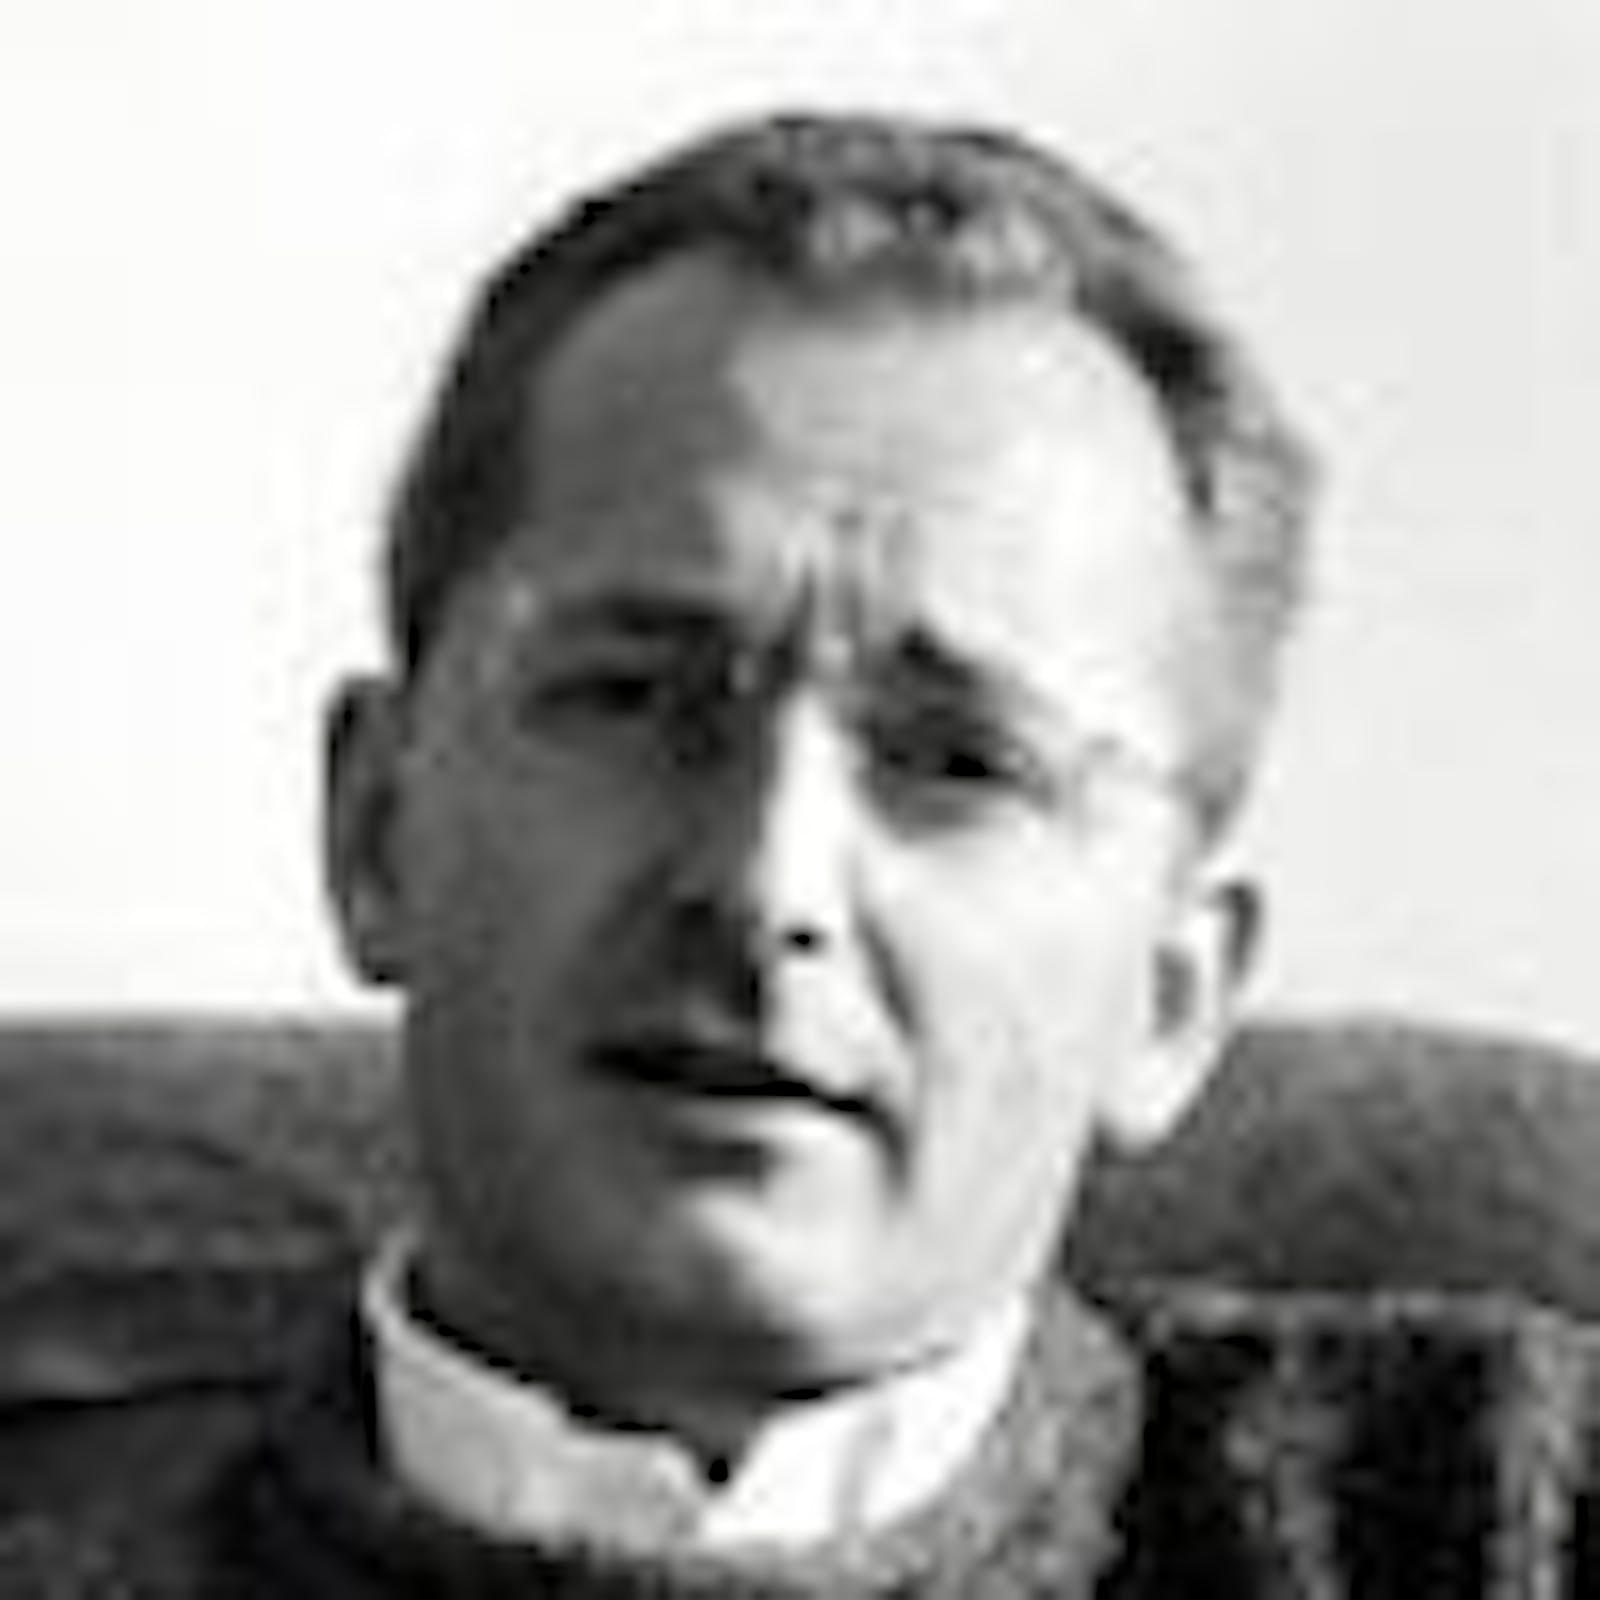 Uberto Pasolini